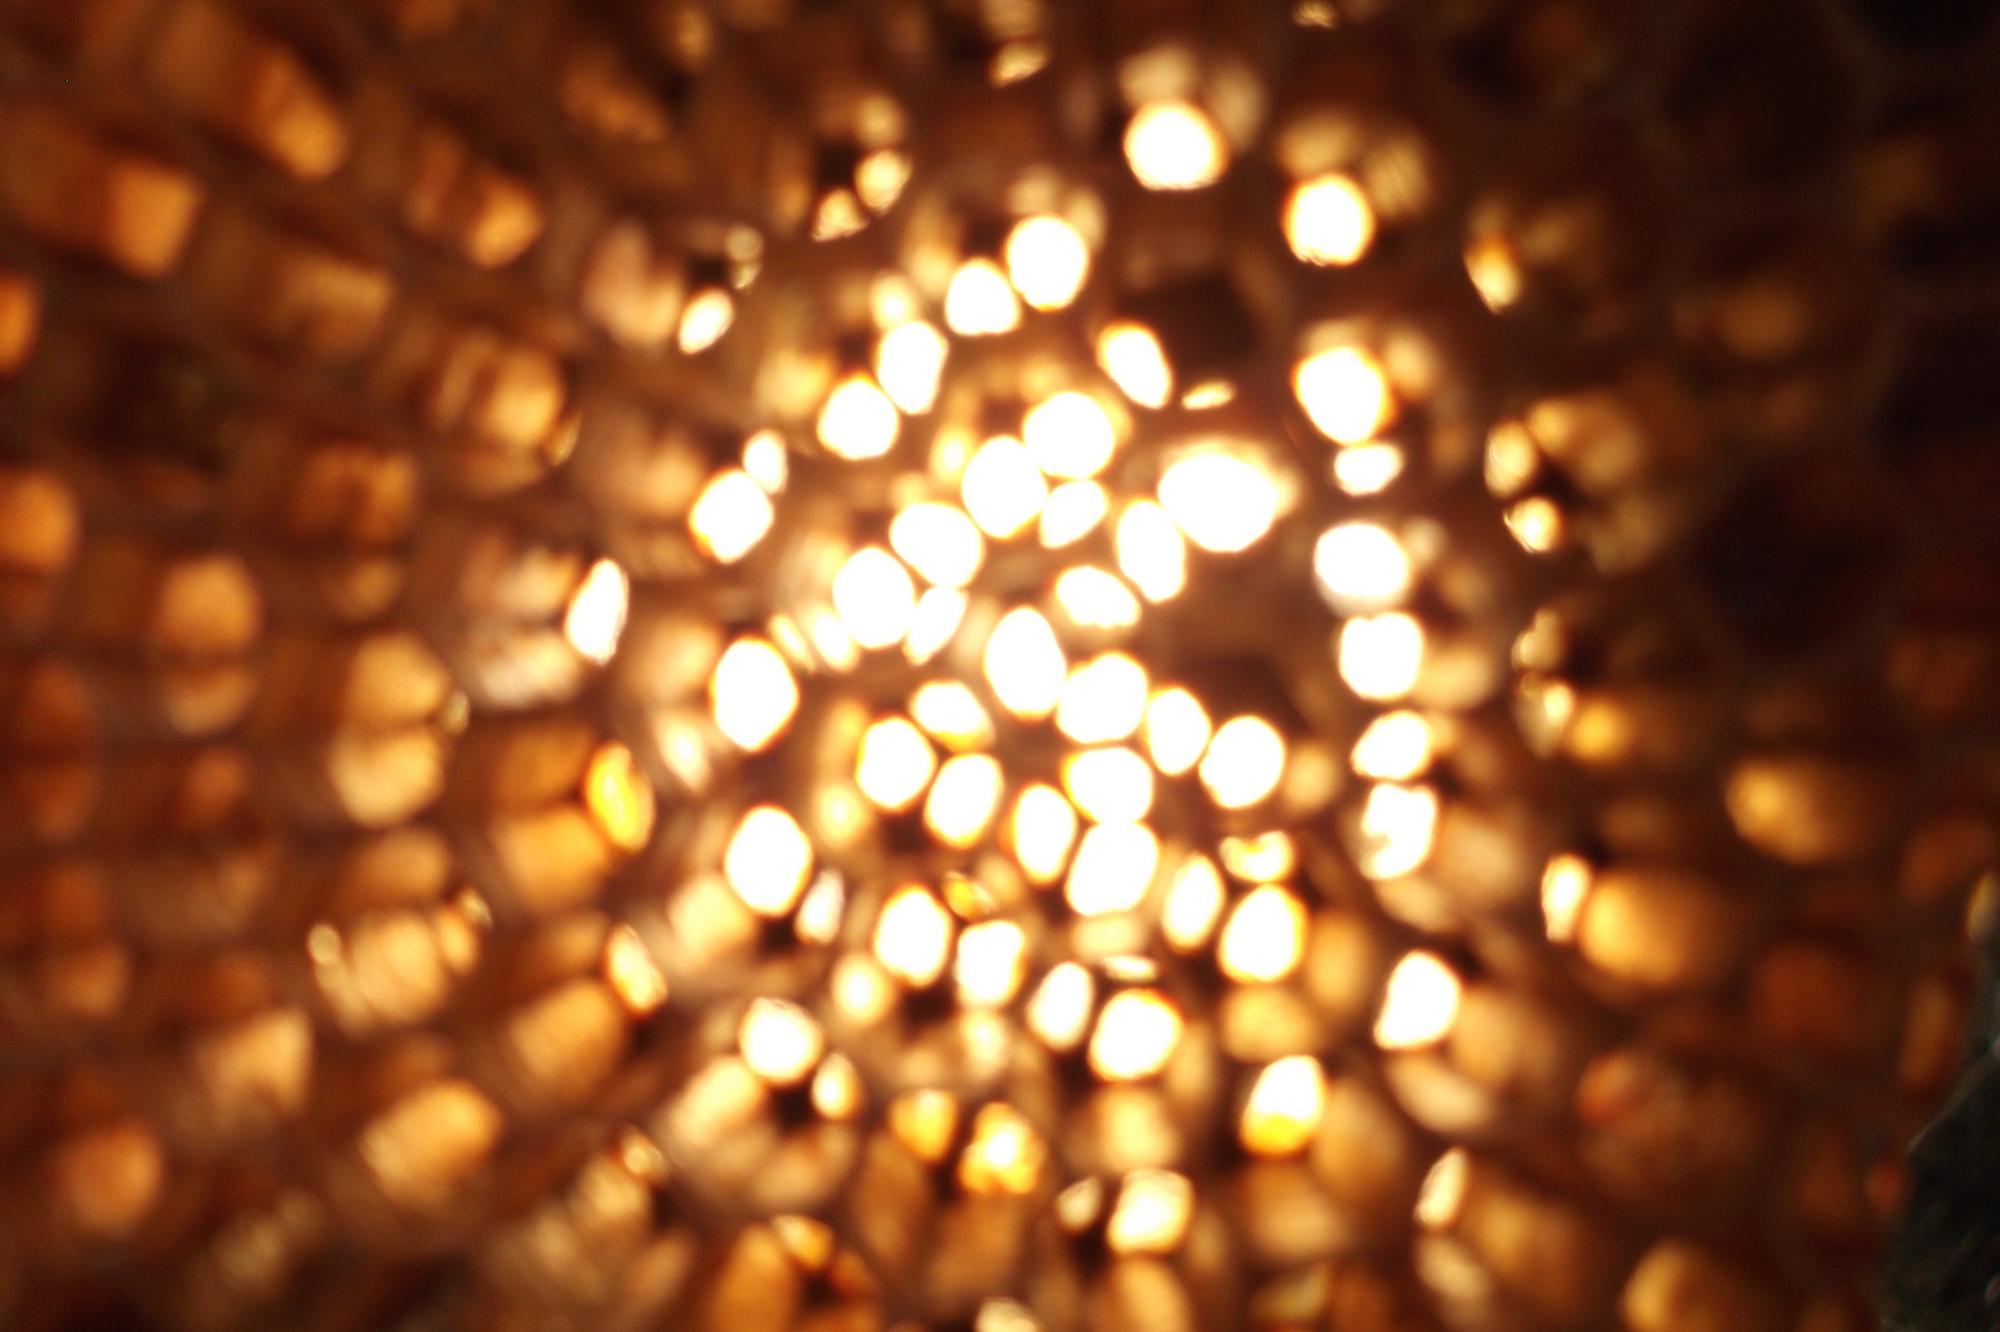 honeycomb pic